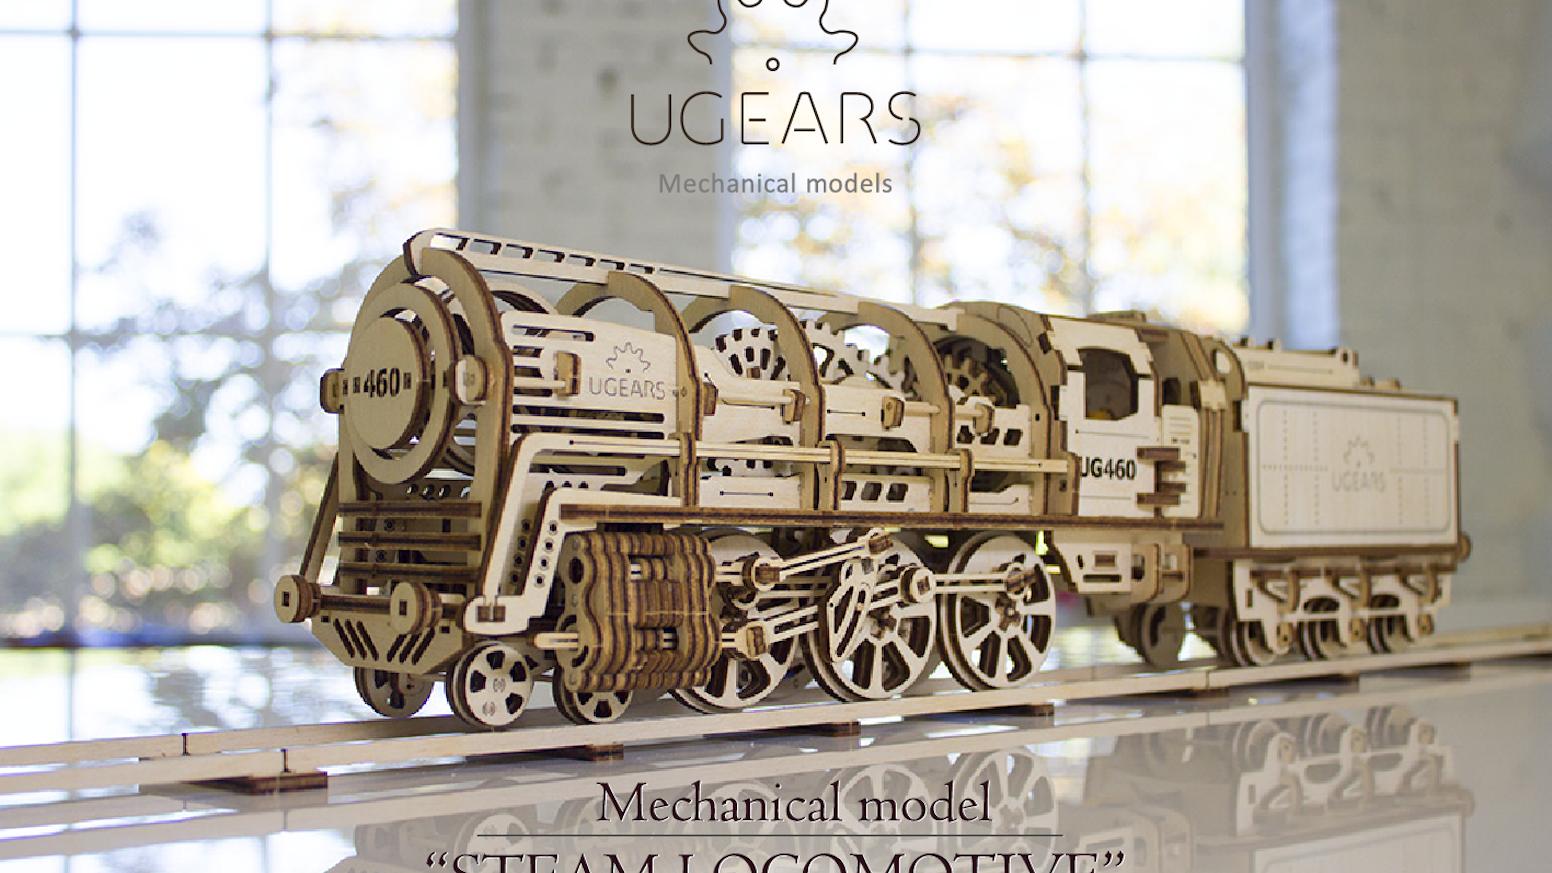 UGEARS: Self-propelled mechanical models by UGEARS — Kickstarter